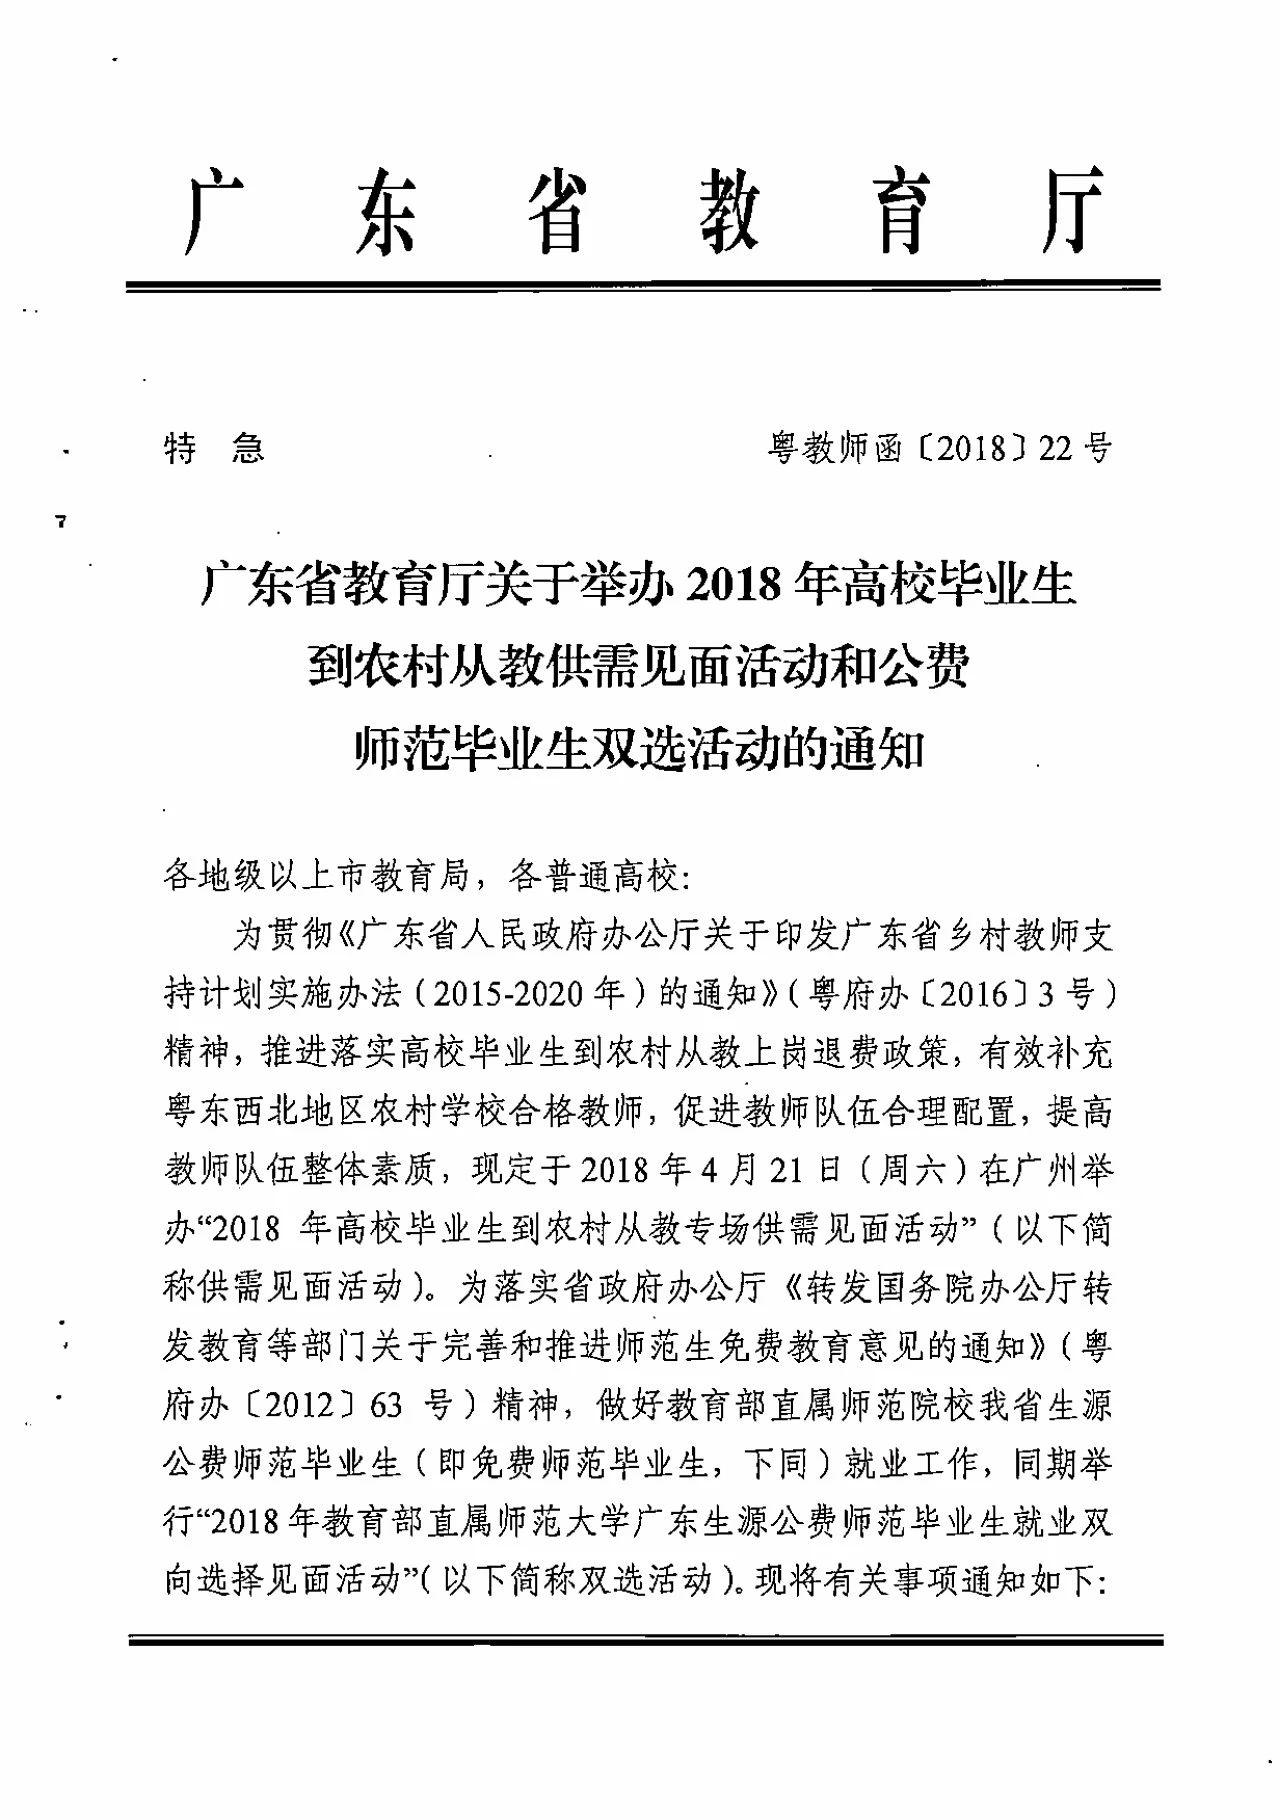 广东省教育厅关于举办2018年高校毕业生到农村从教供需见面活动和公费师范毕业生双选活动的通知